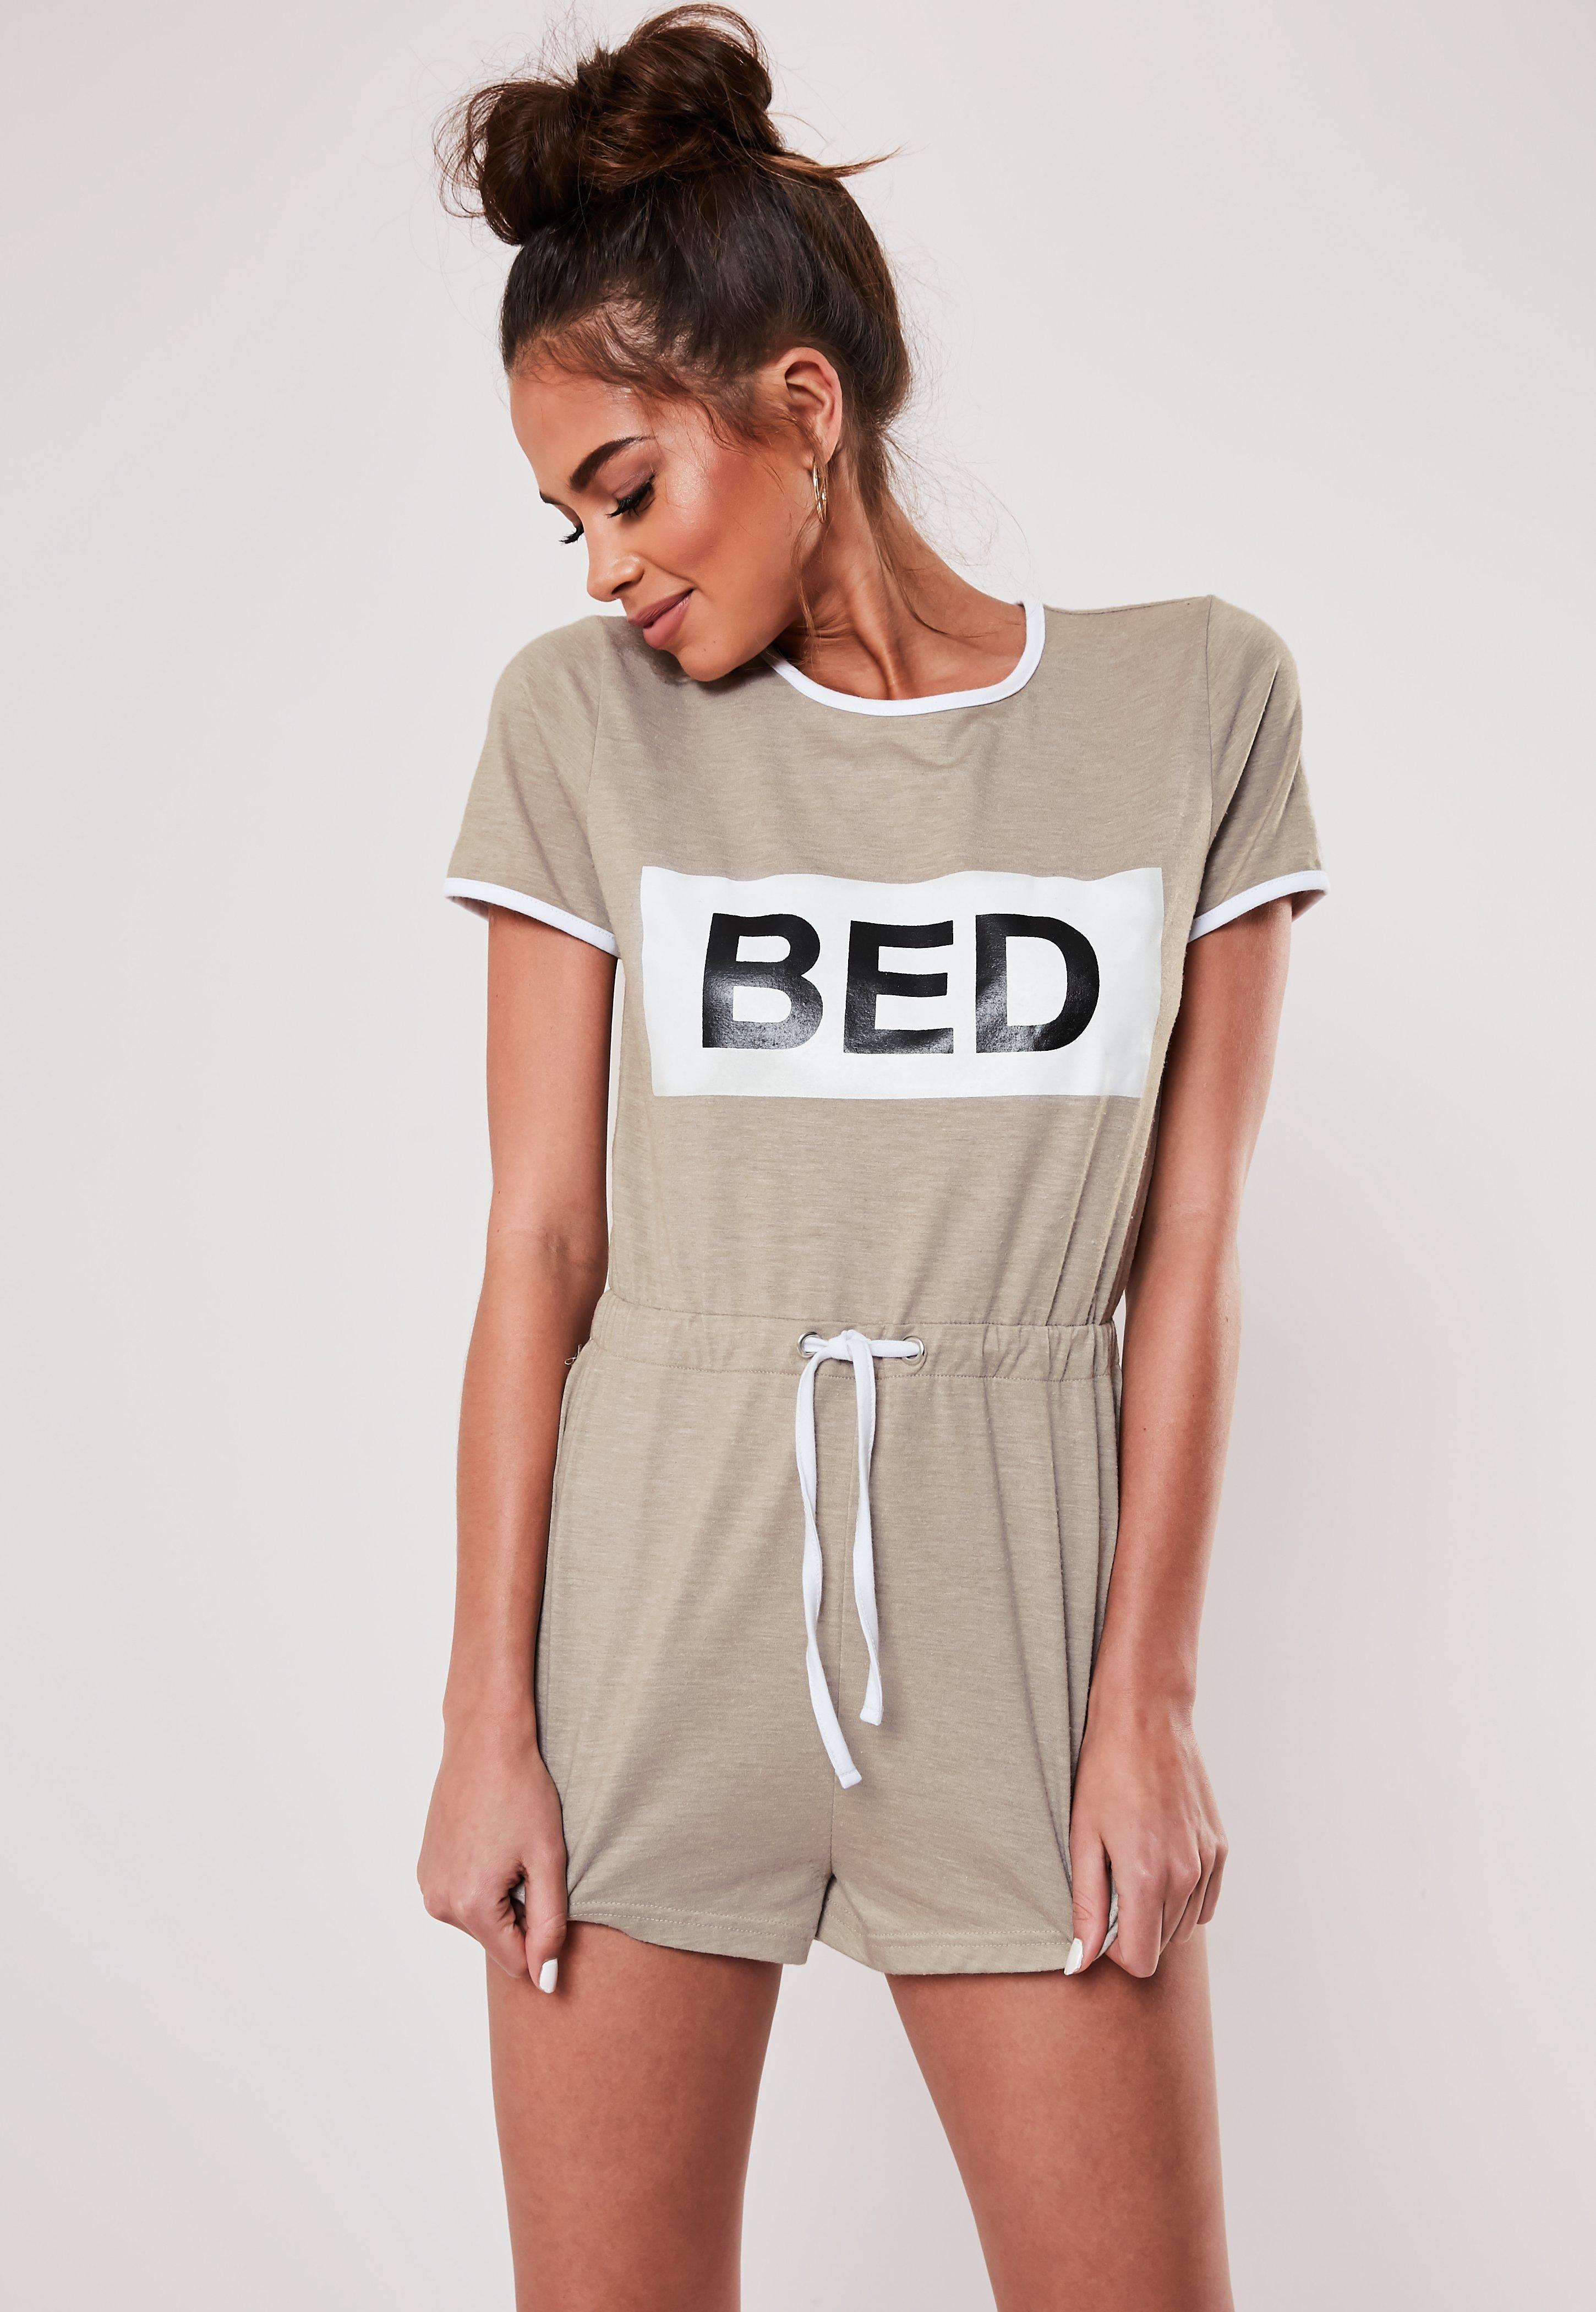 42d29b261b Nightwear | Shop Women's Sleepwear Online - Missguided